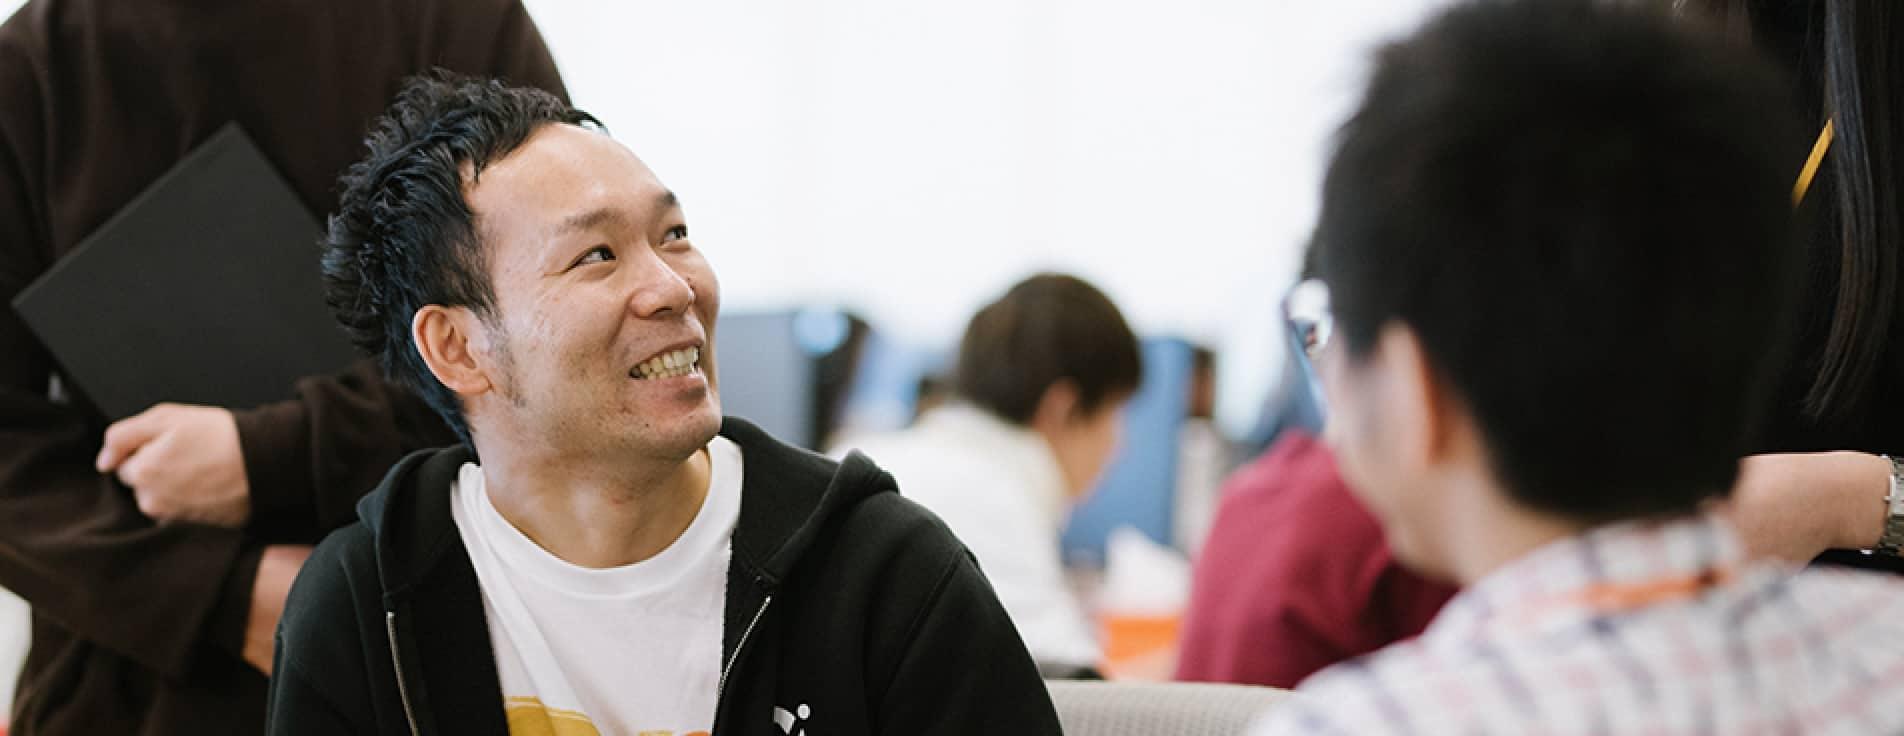 「ユーザー企業の経営課題」に本気で向き合うエンジニアたち